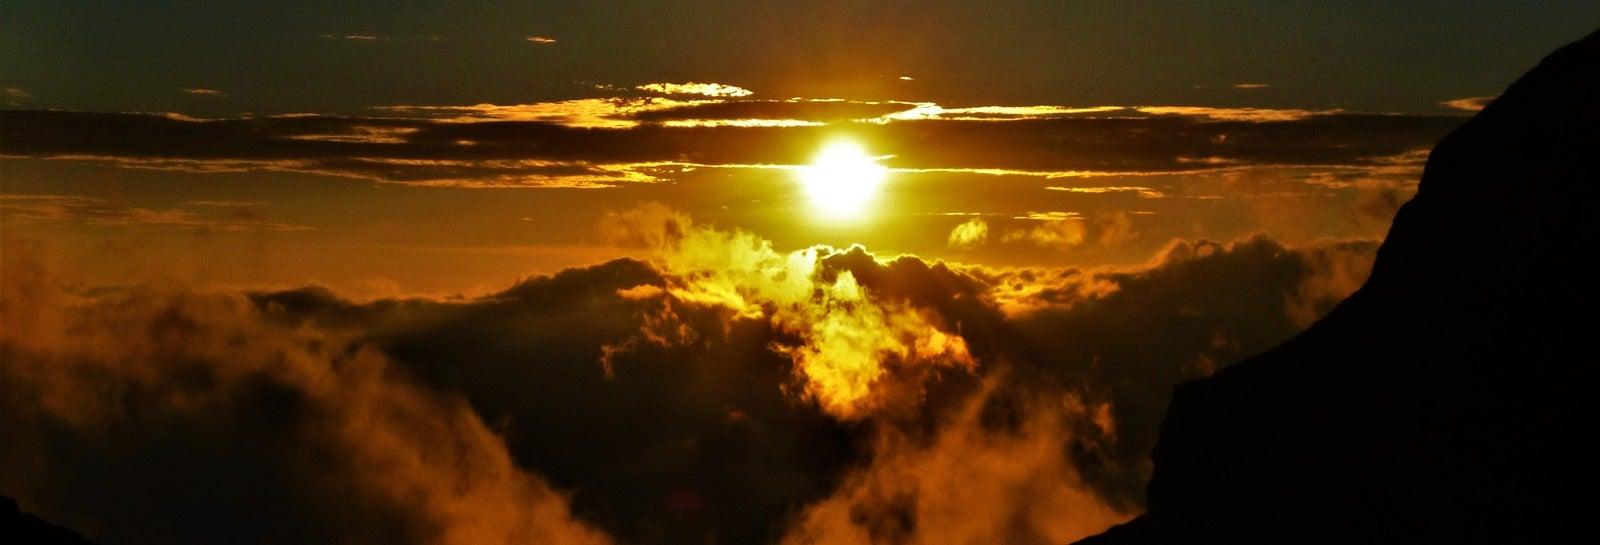 Trekking al vulcano Nevado de Toluca all'alba